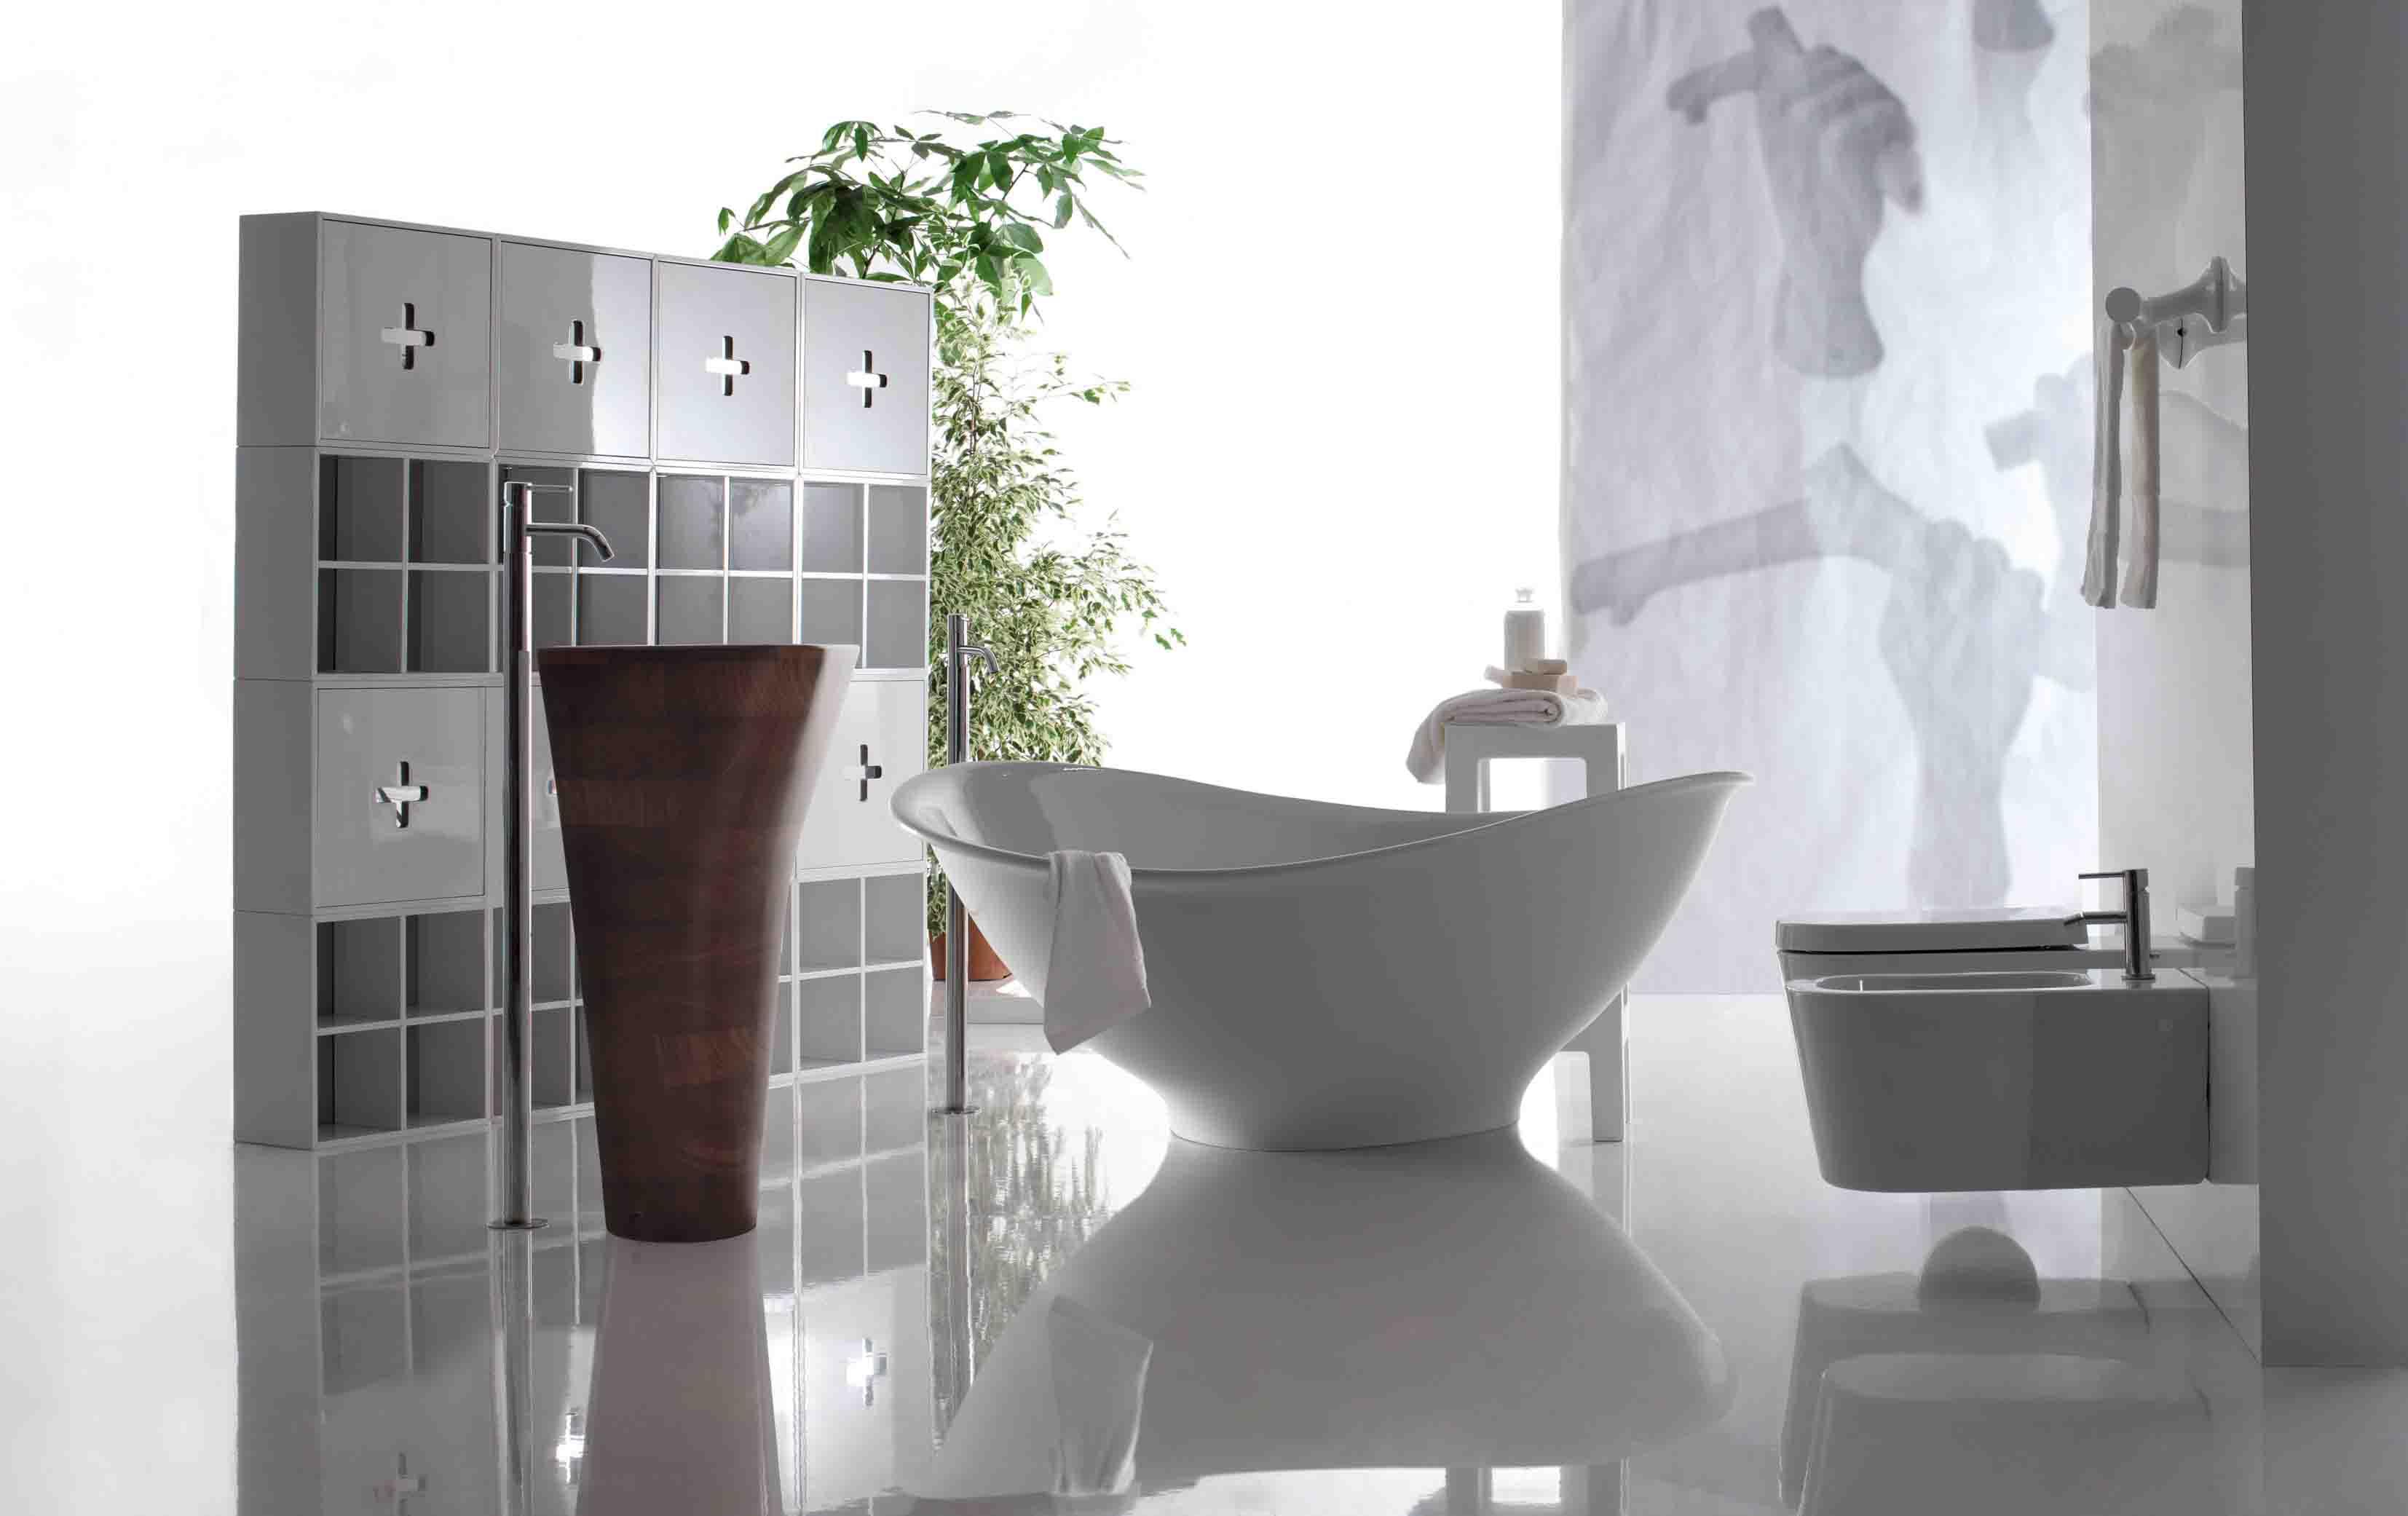 Vasca Da Bagno Angolare Ceramica : Vasche da bagno di piccole dimensioni